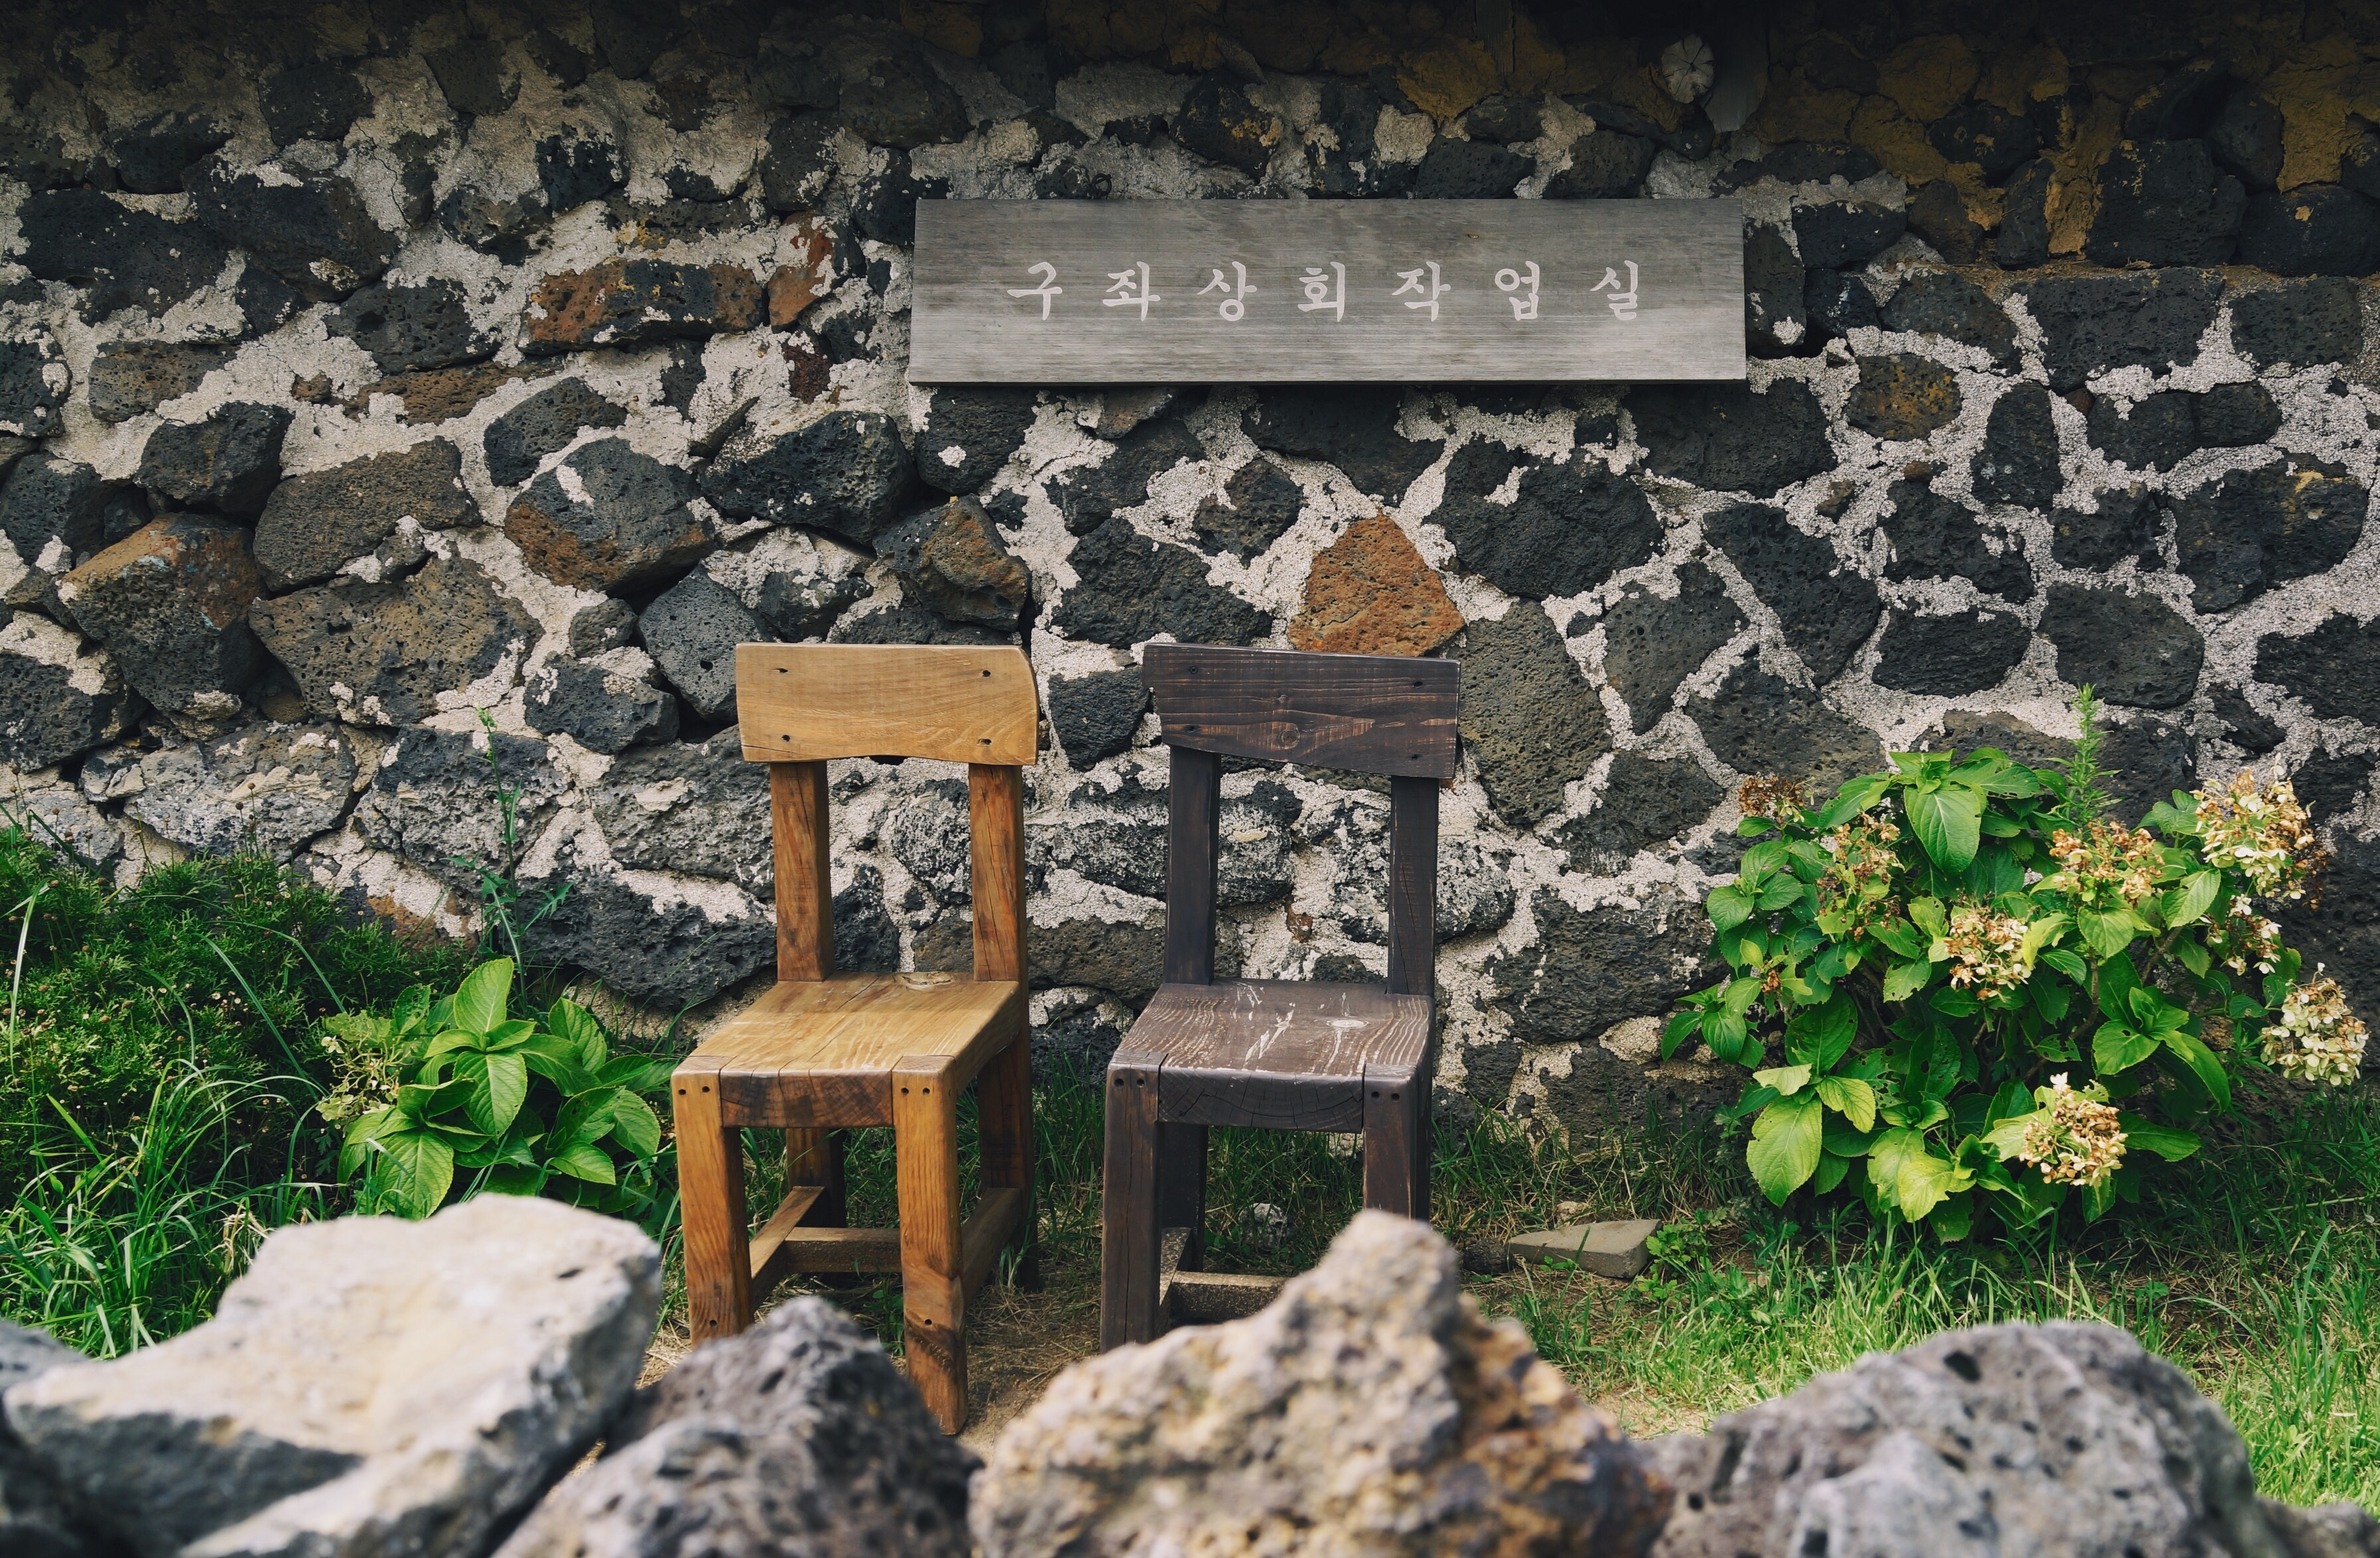 제주도에서 살아보기 - 서울, 오늘 날씨는 맑음